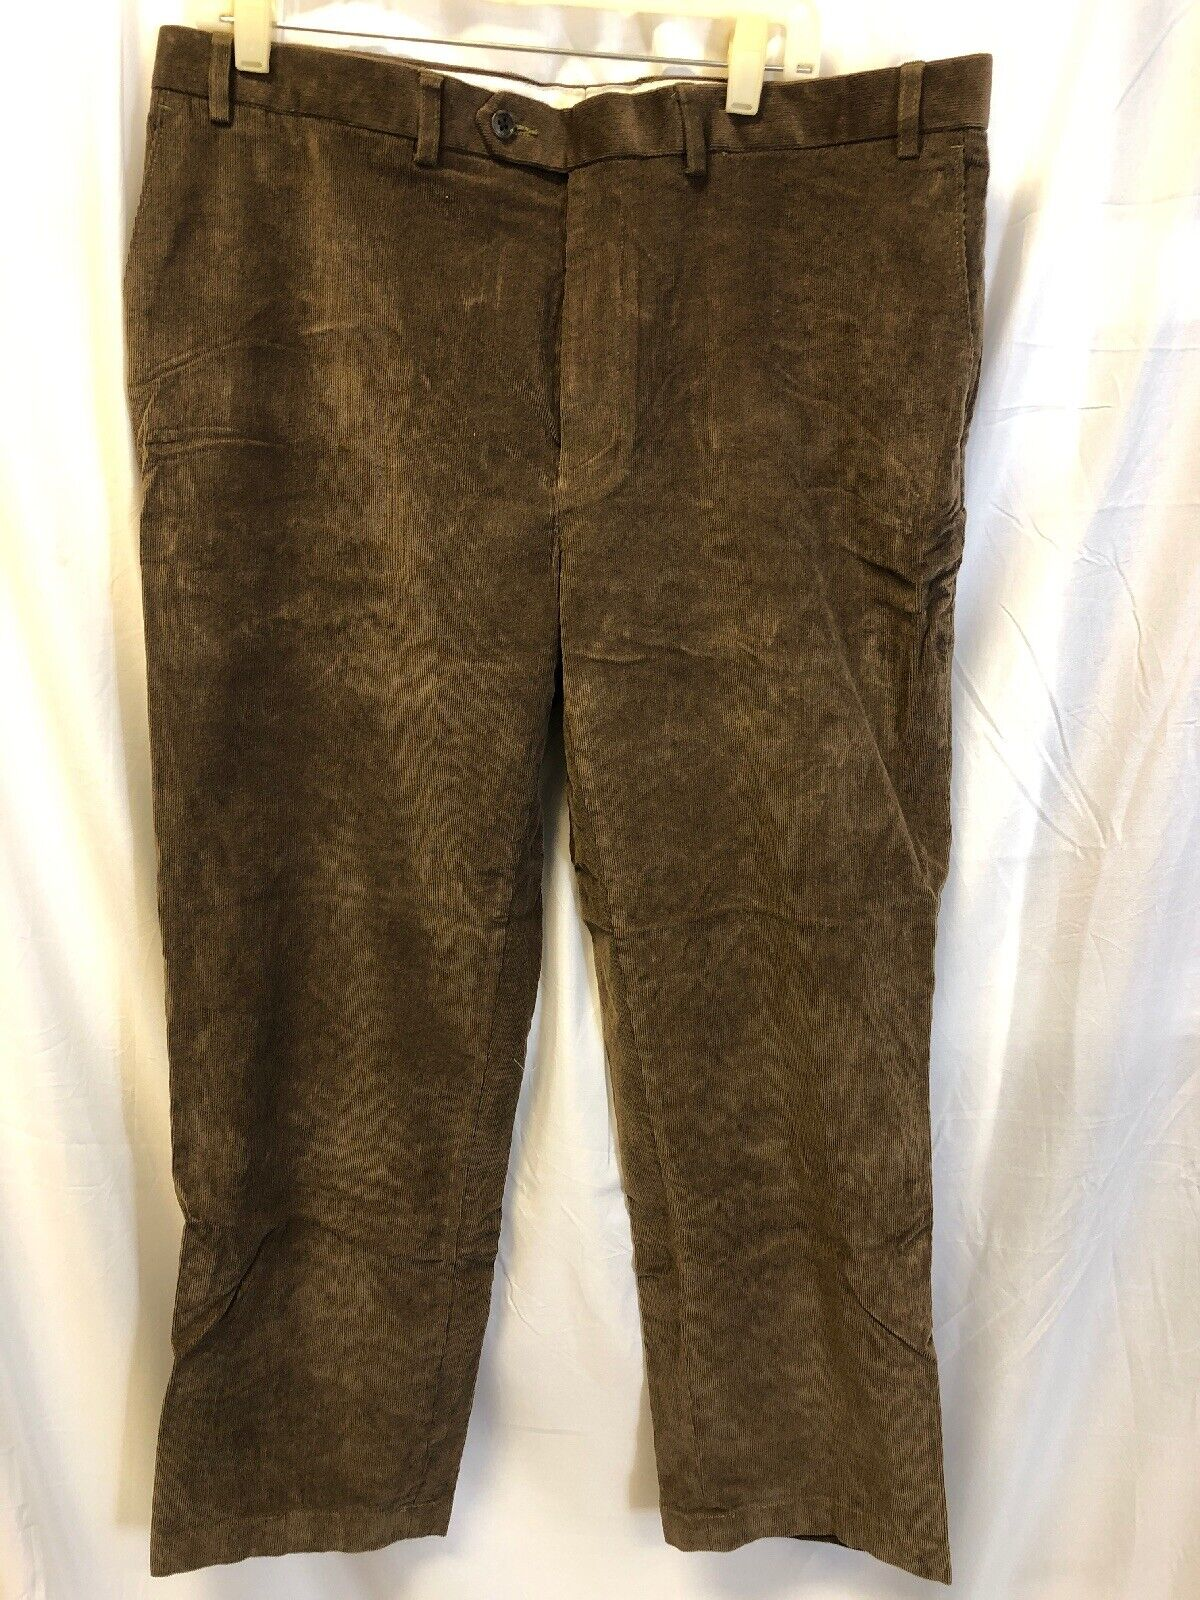 LAUREN RALPH LAUREN 38W x 32L Men's Tan Medium Brown Corduroy Pants